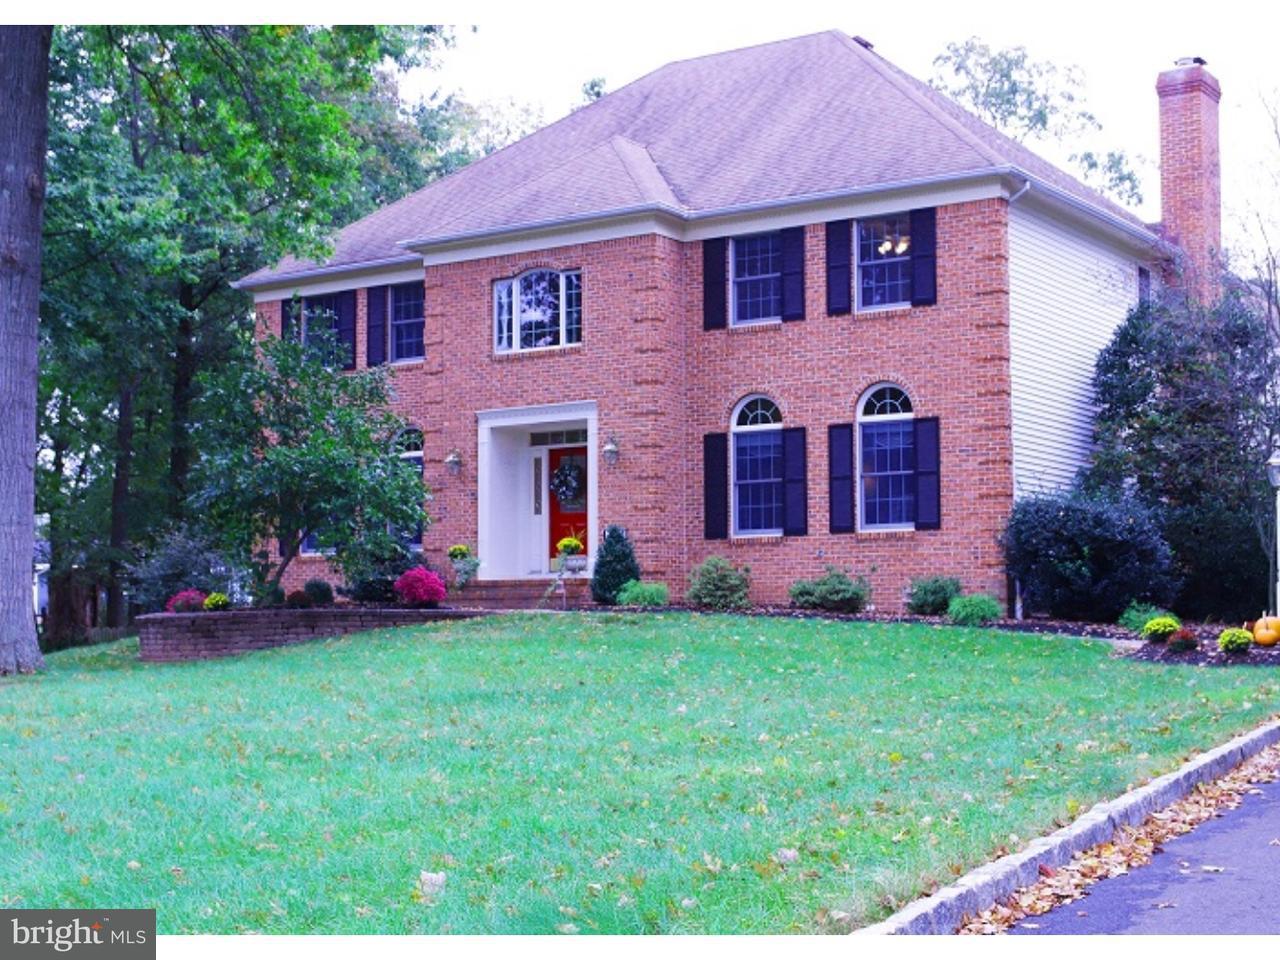 단독 가정 주택 용 매매 에 137 BELLE GLADES Lane Belle Mead, 뉴저지 08502 미국에서/약: Montgomery Township